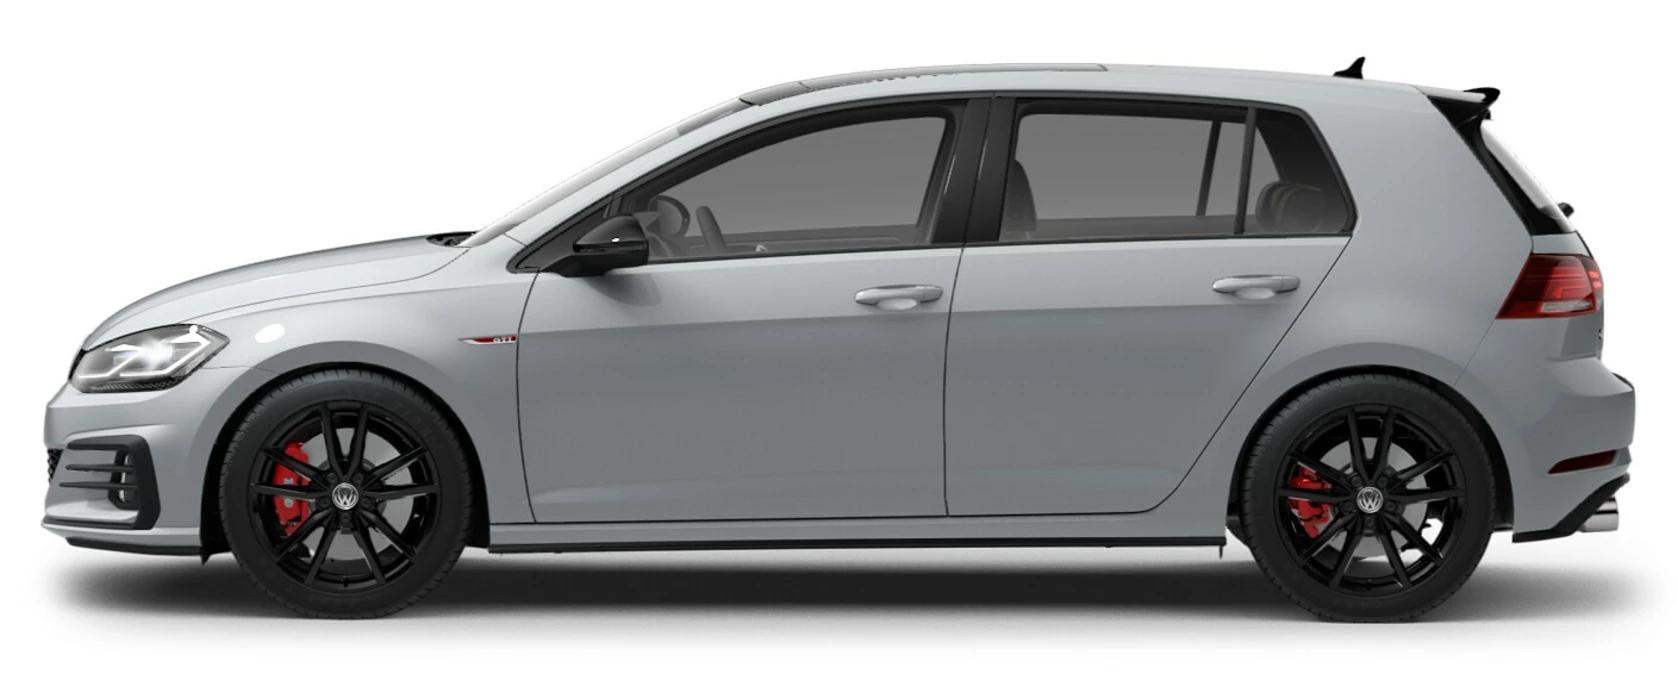 2021 Volkswagen Golf GTI White Silver Metallic